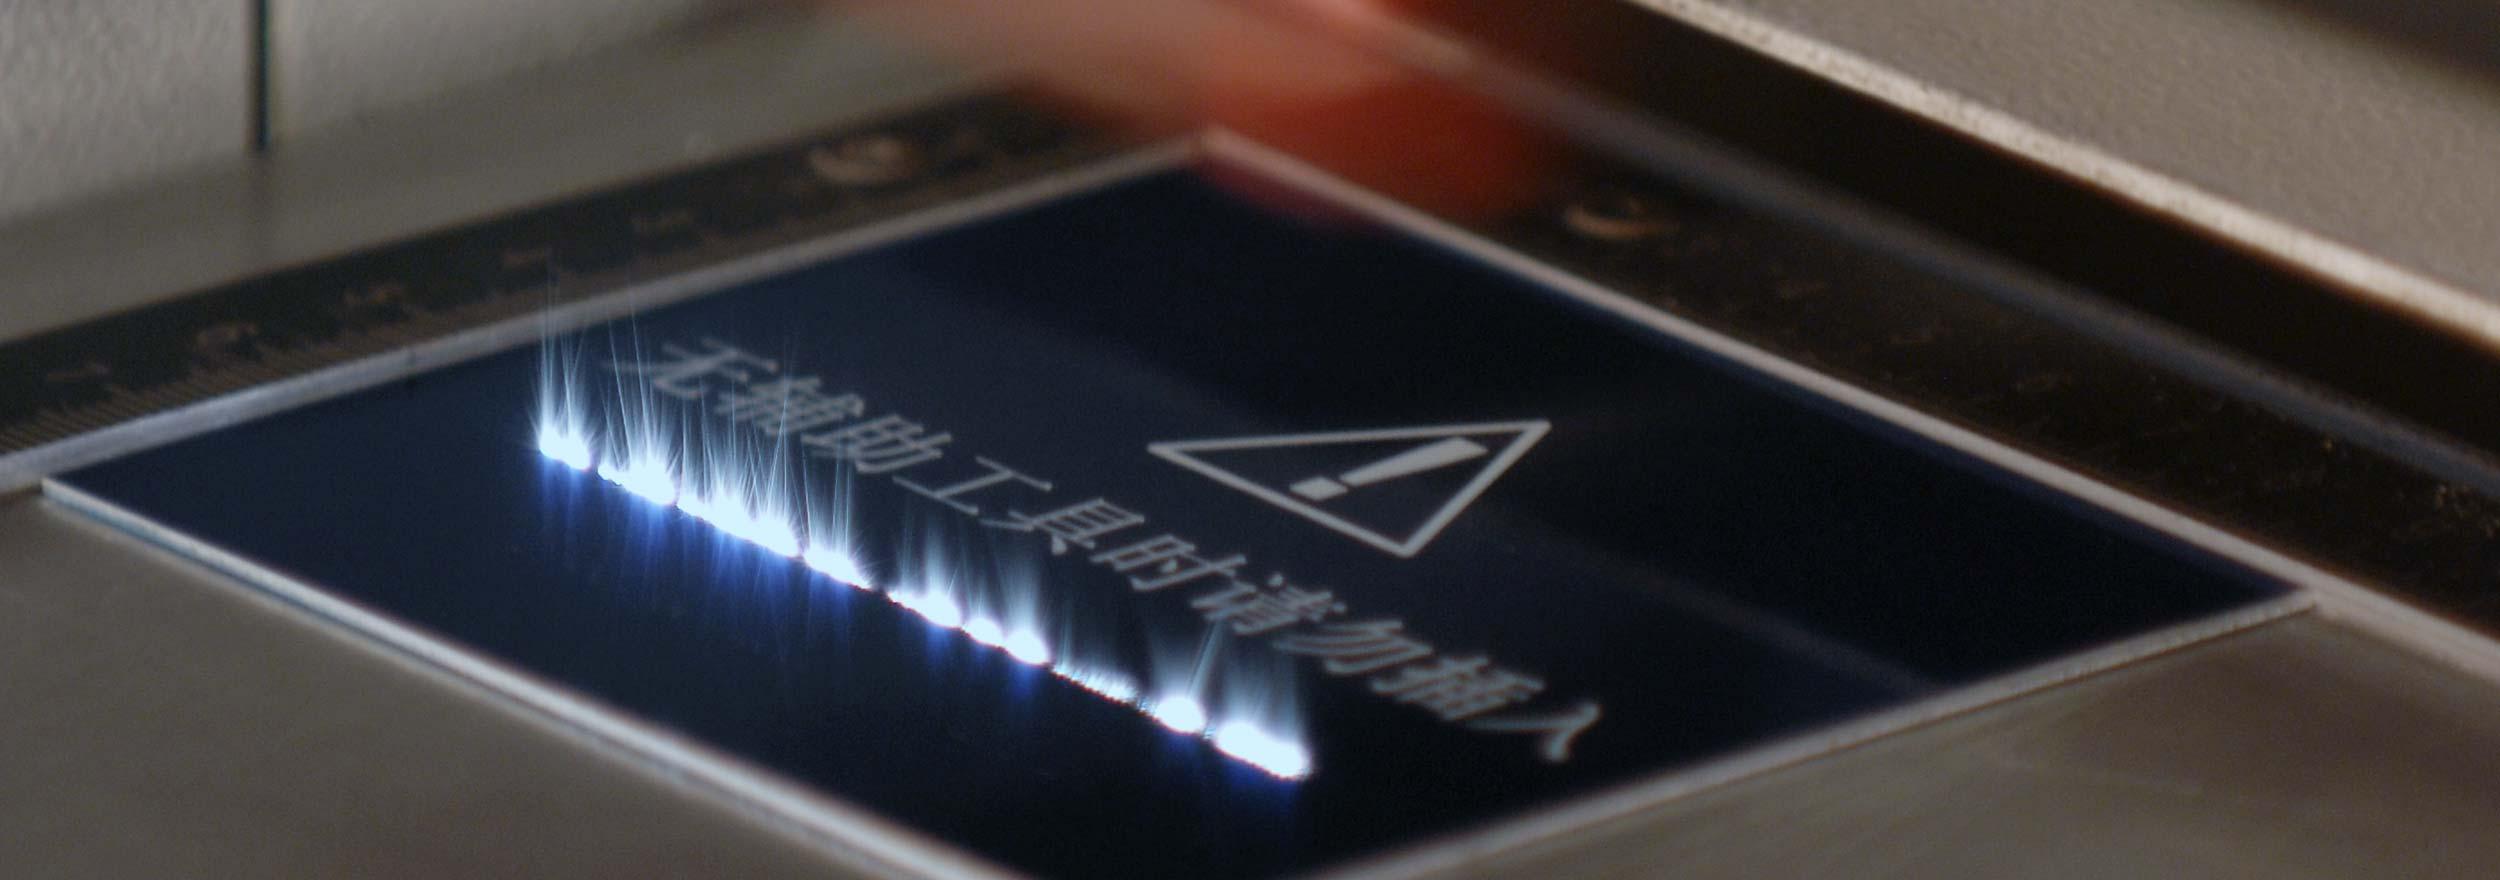 Lochmeyer Schilder lasern Beschriftung